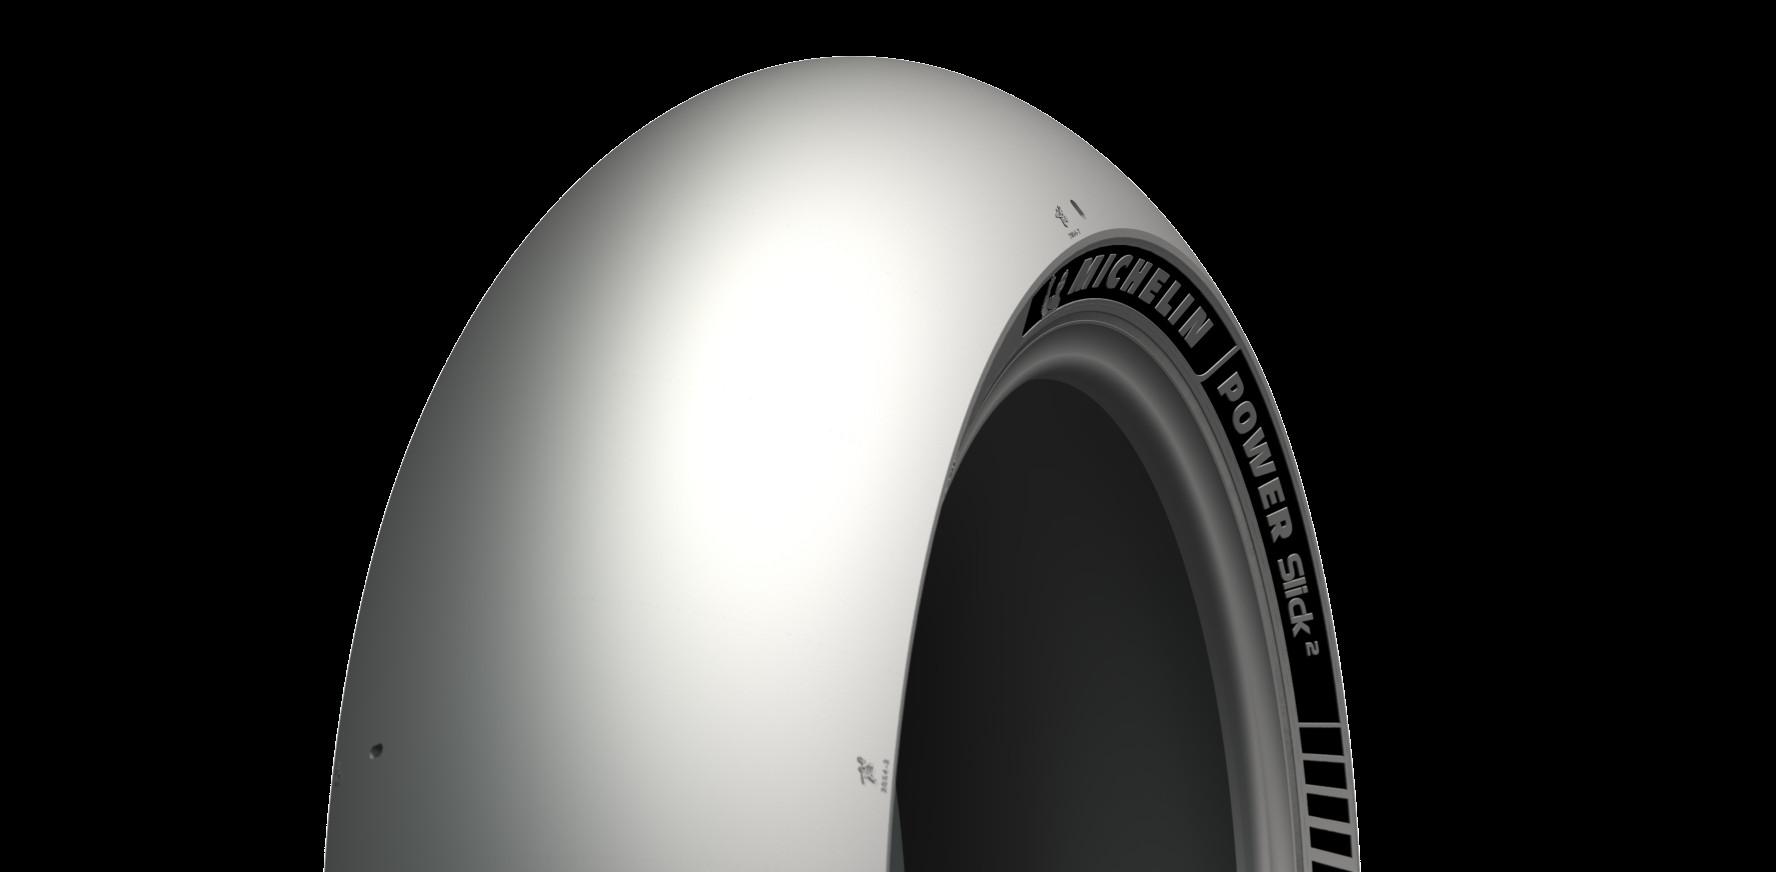 A Michelin Power Slick 2 rear tire. Photo courtesy Michelin North America.